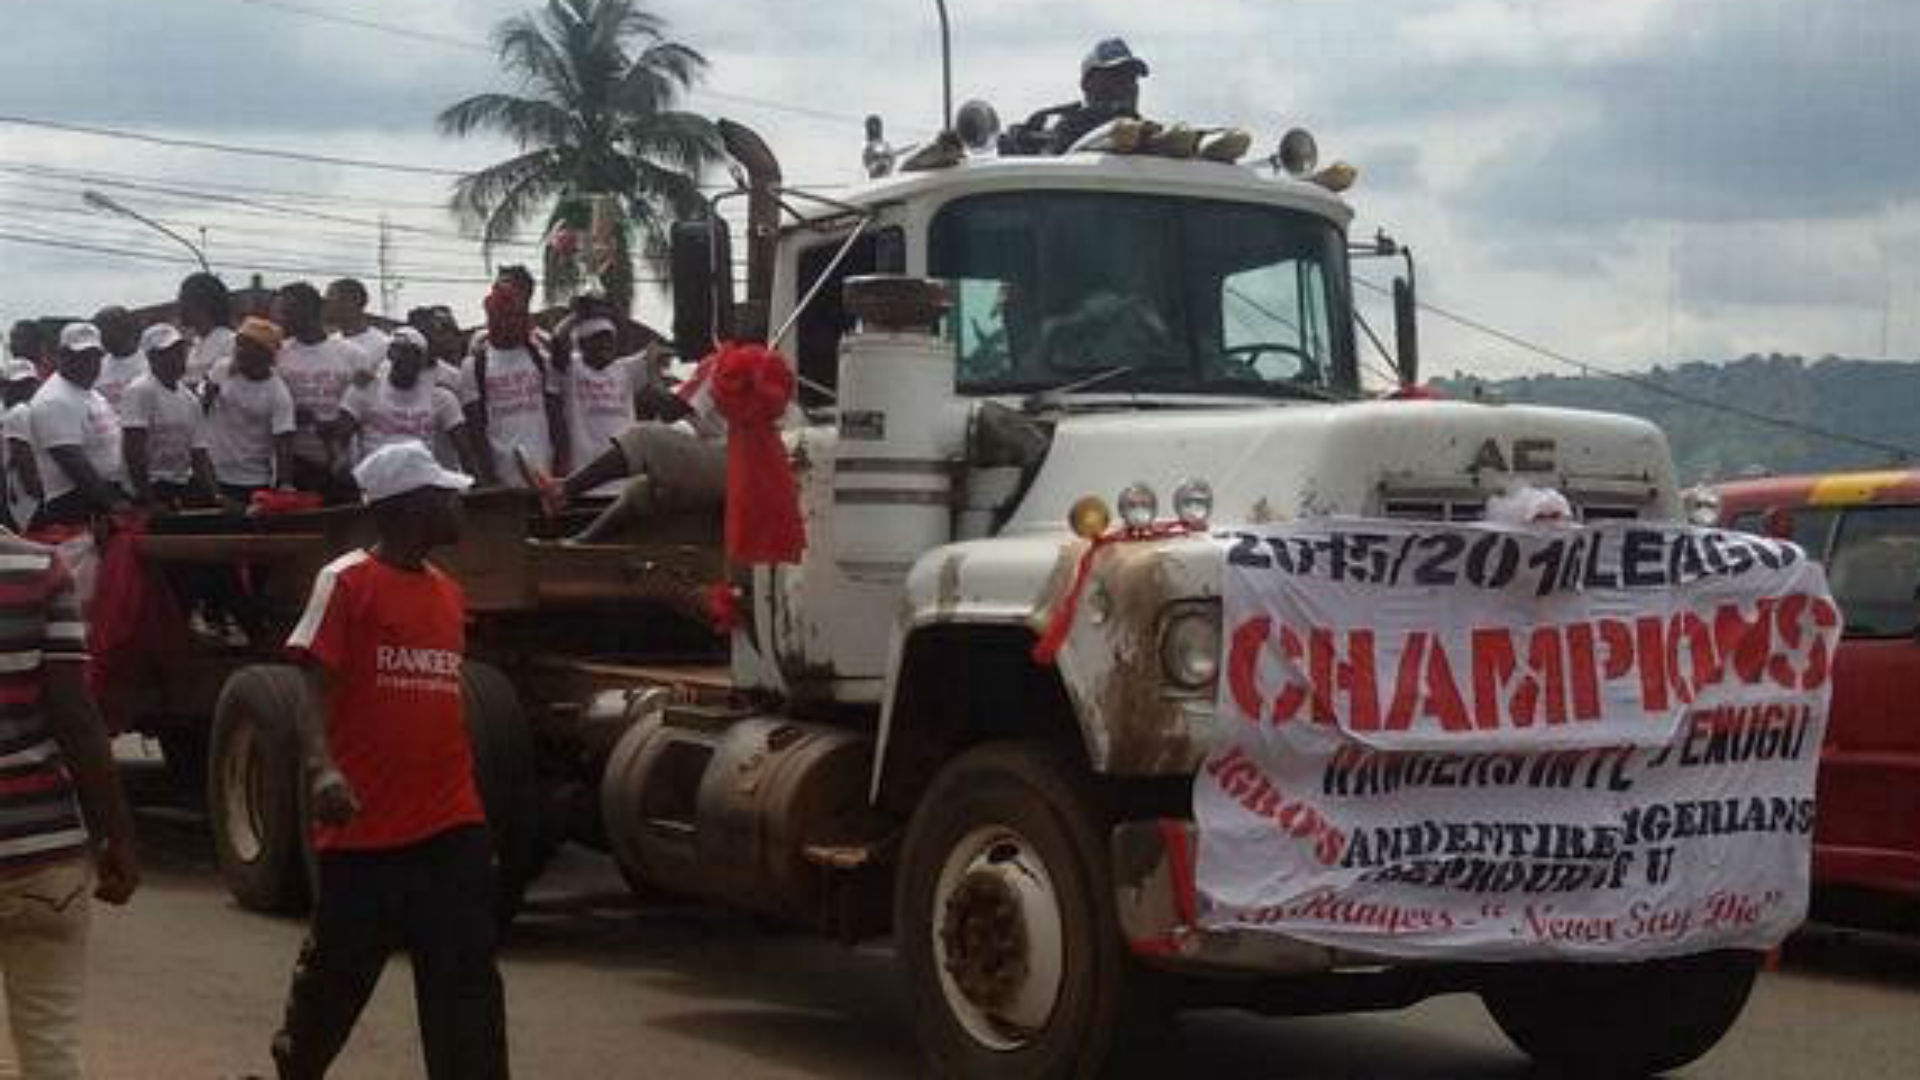 Enugu Rangers victory parade